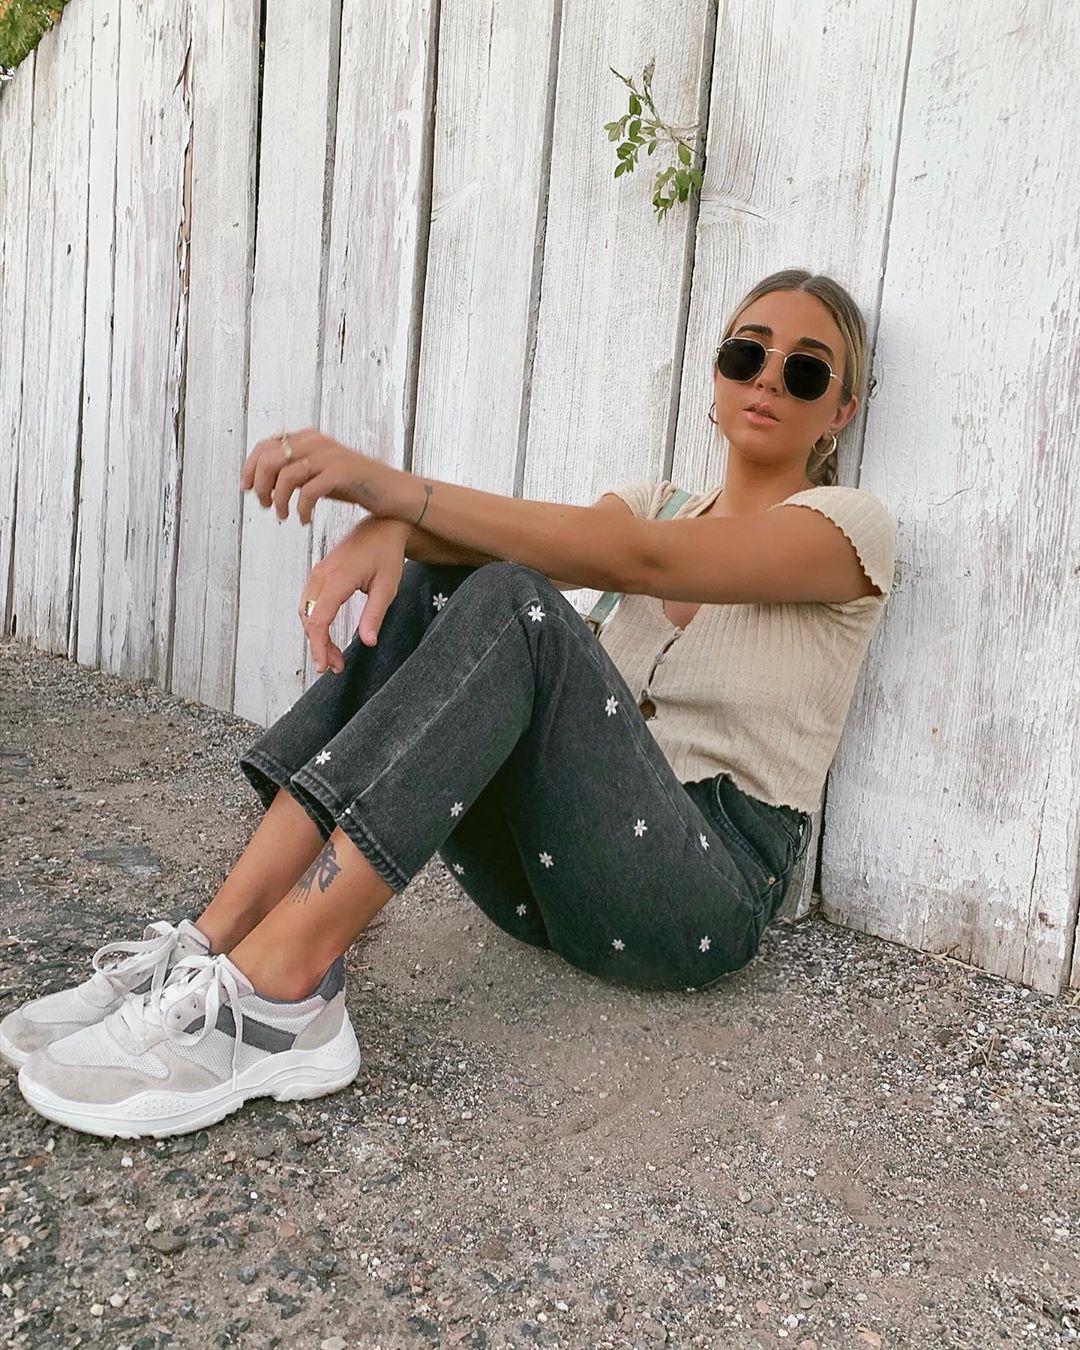 Kaylee-Lane-Wallpapers-Insta-Fit-Bio-11